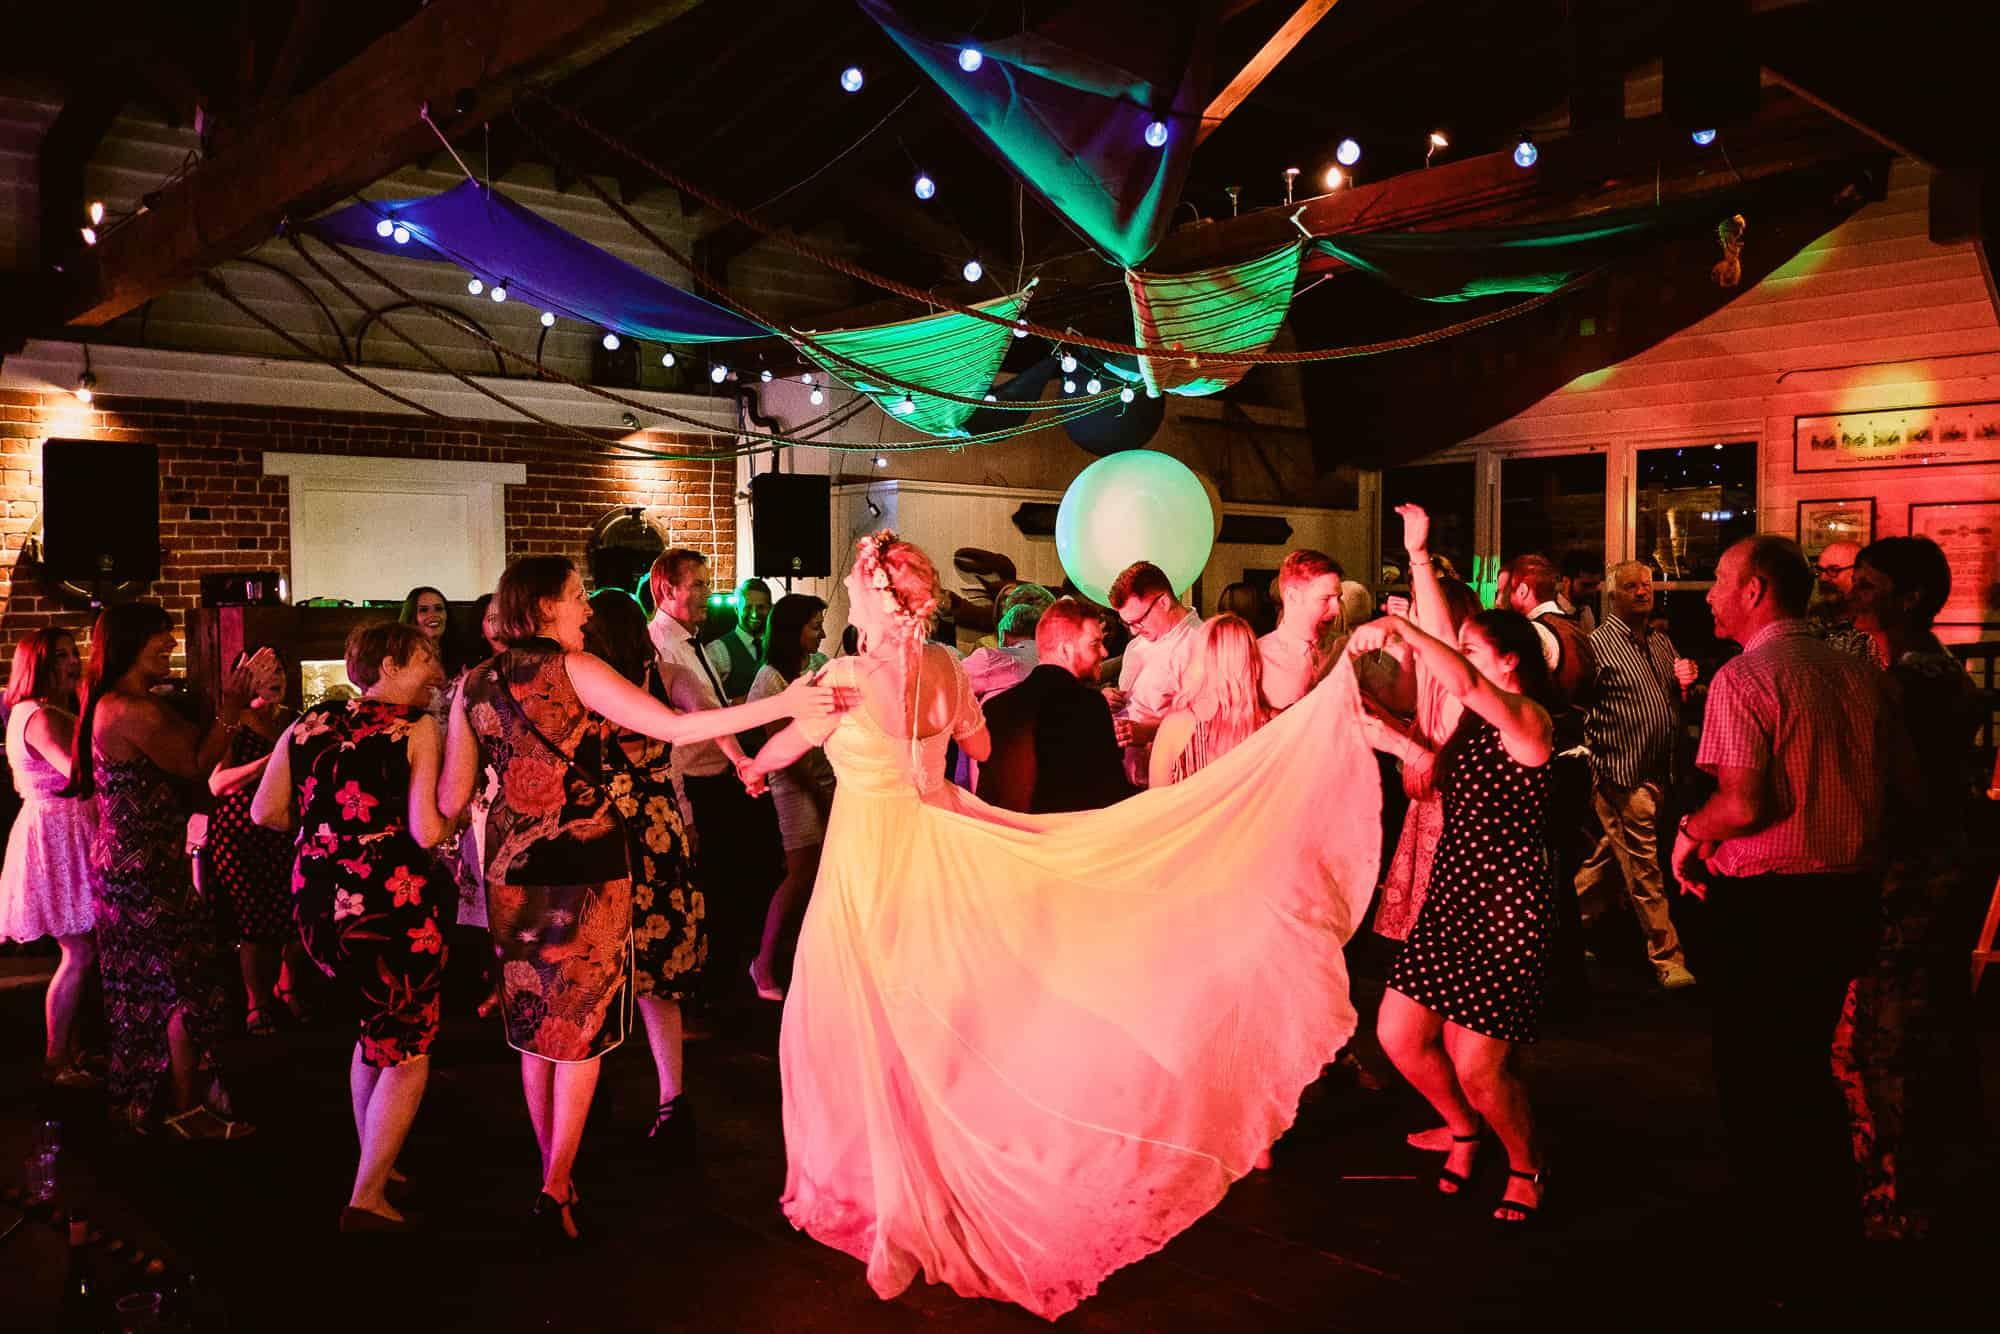 east-quay-wedding-photography-matt-tyler-0108